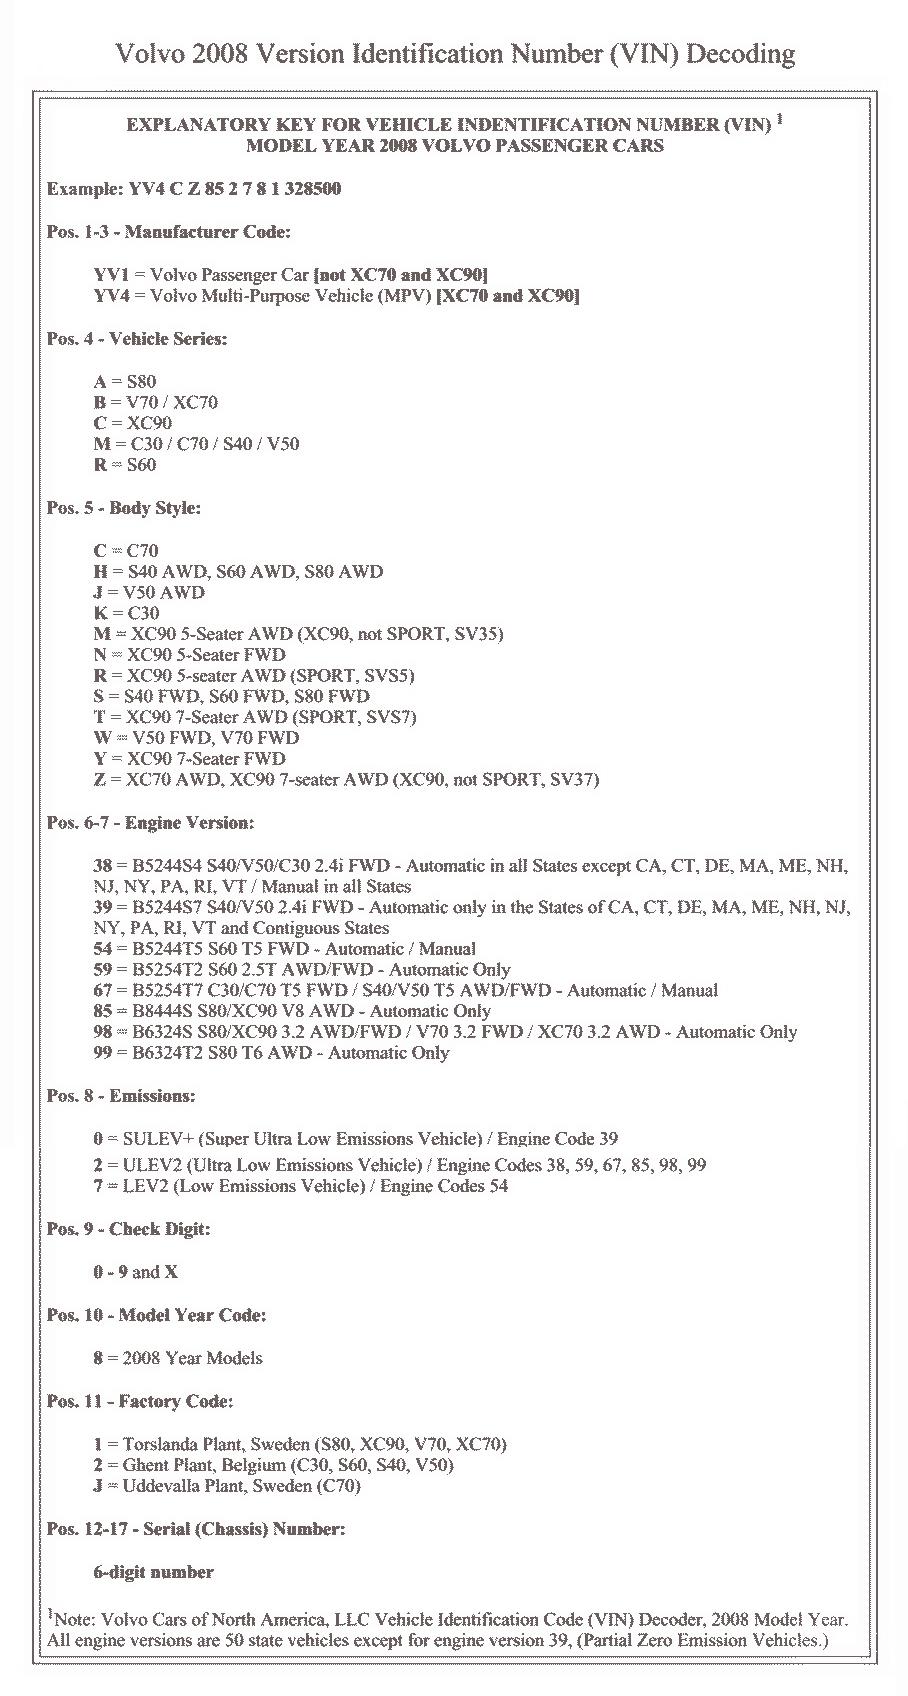 2008 VIN Decode Example